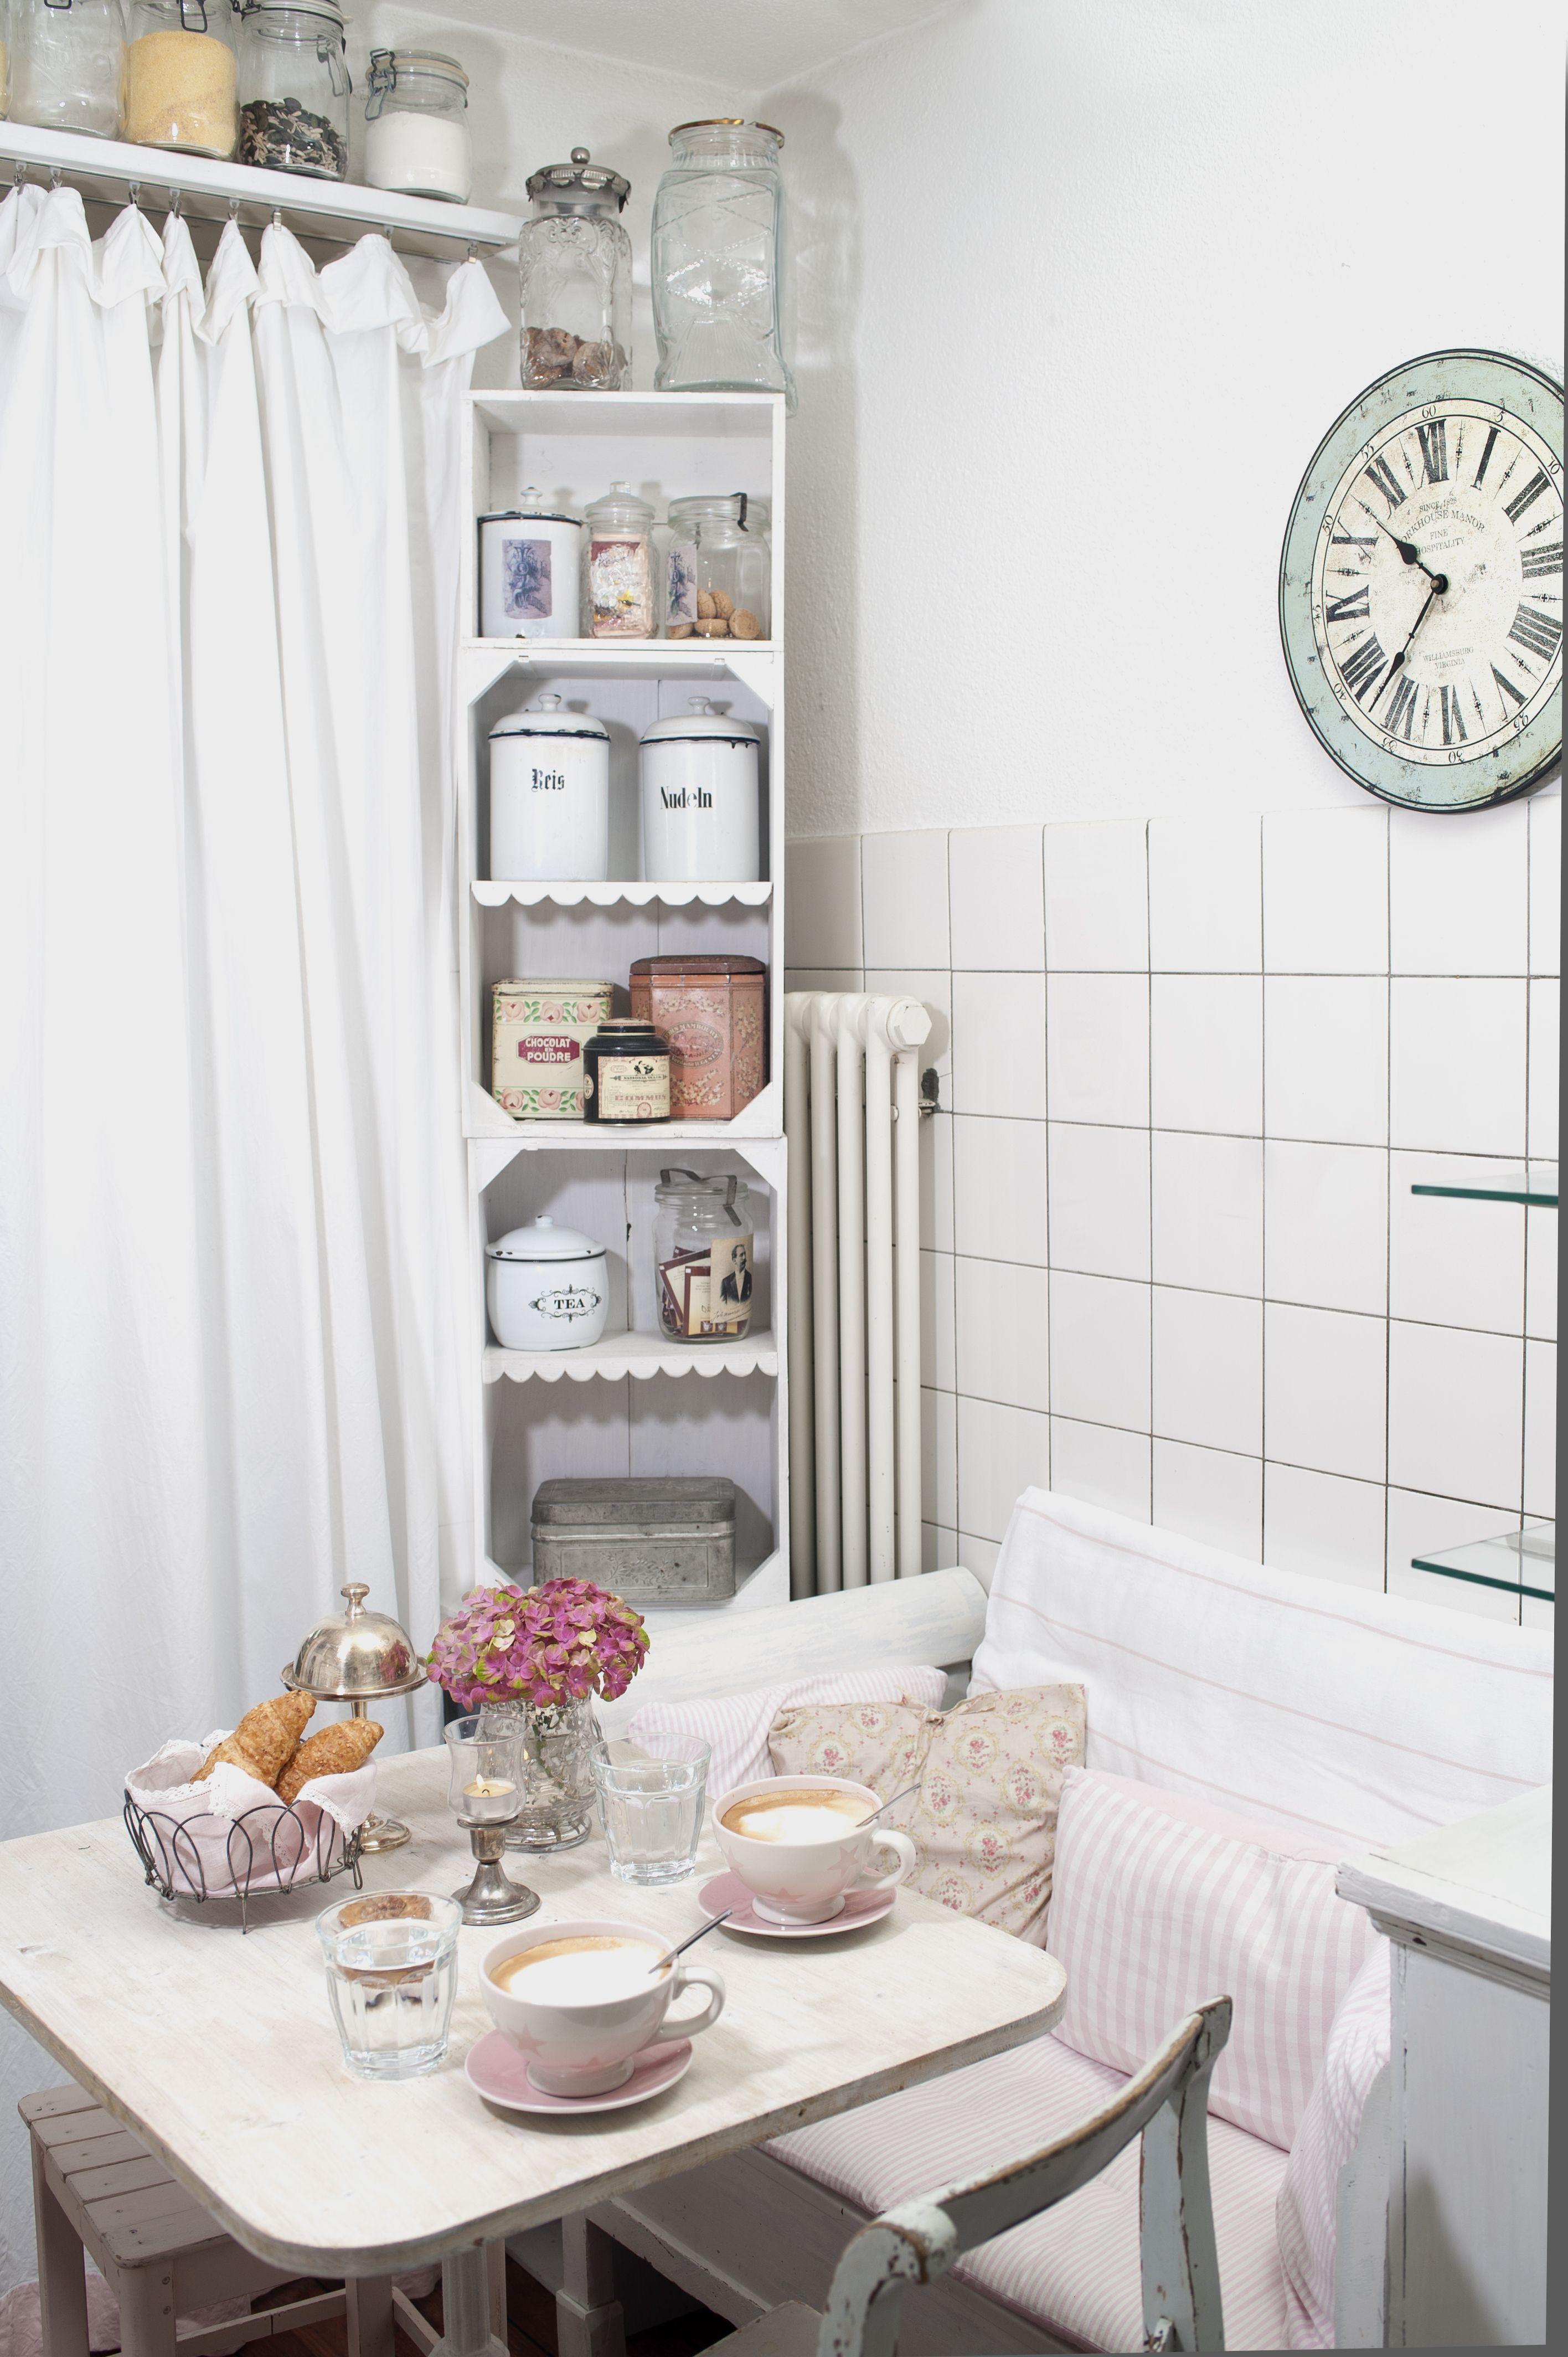 Bild aus dem Buch UNIKATUM Iris Polin Meine Küche Foto: Delussu ...